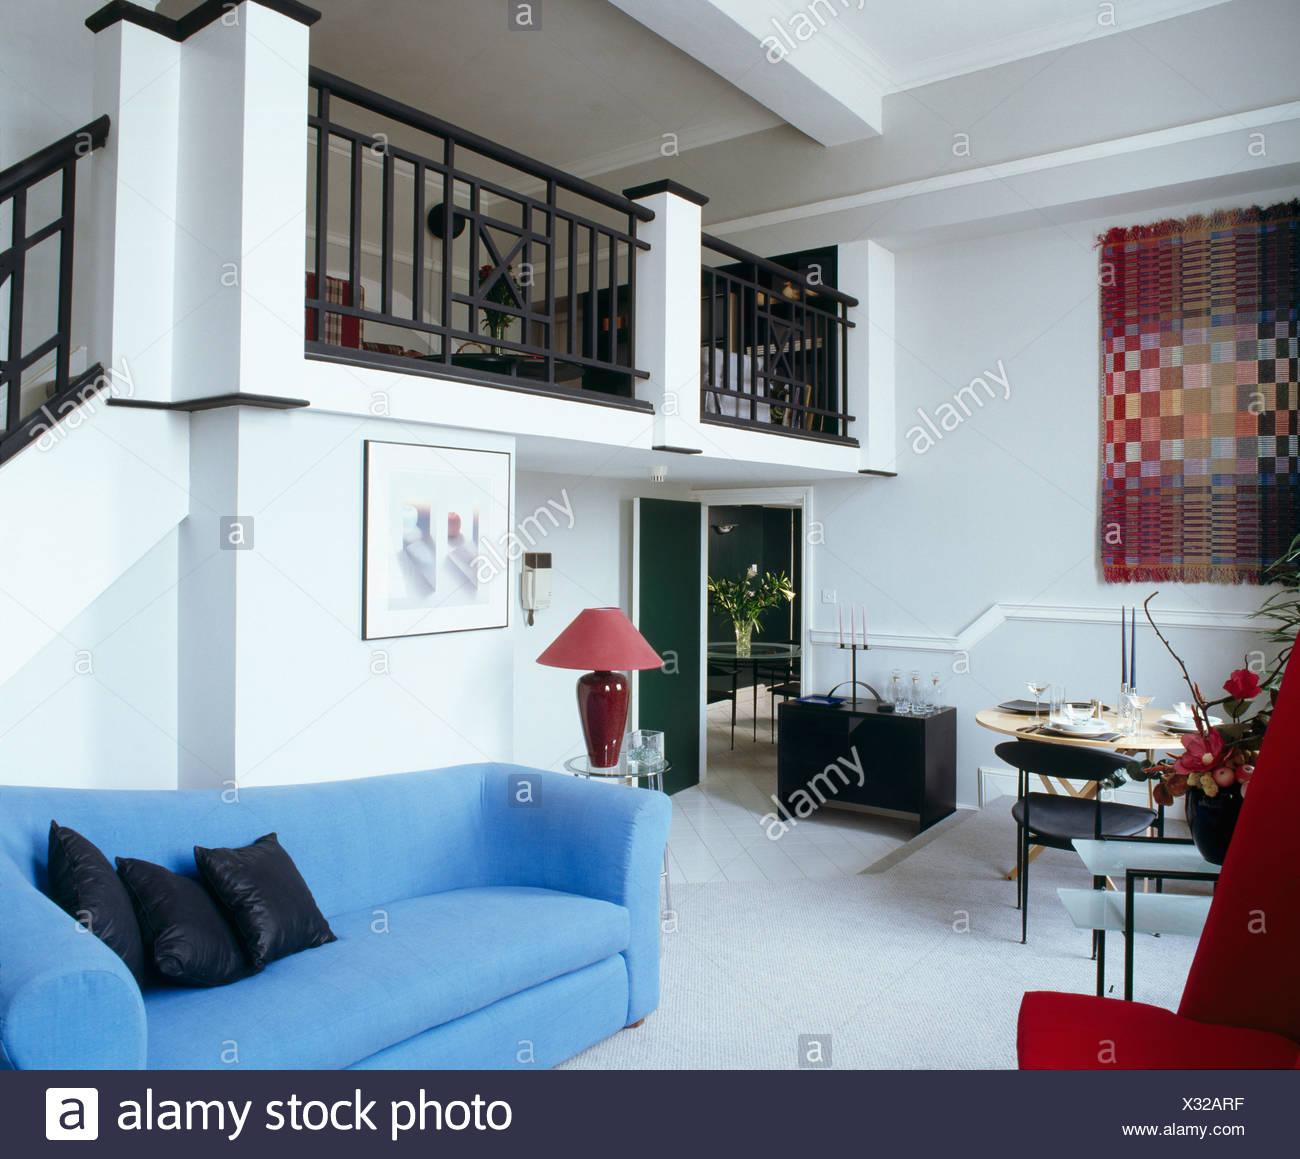 Moderne blaue Sofa im offenen Wohn / Esszimmer mit Mezzanine ...